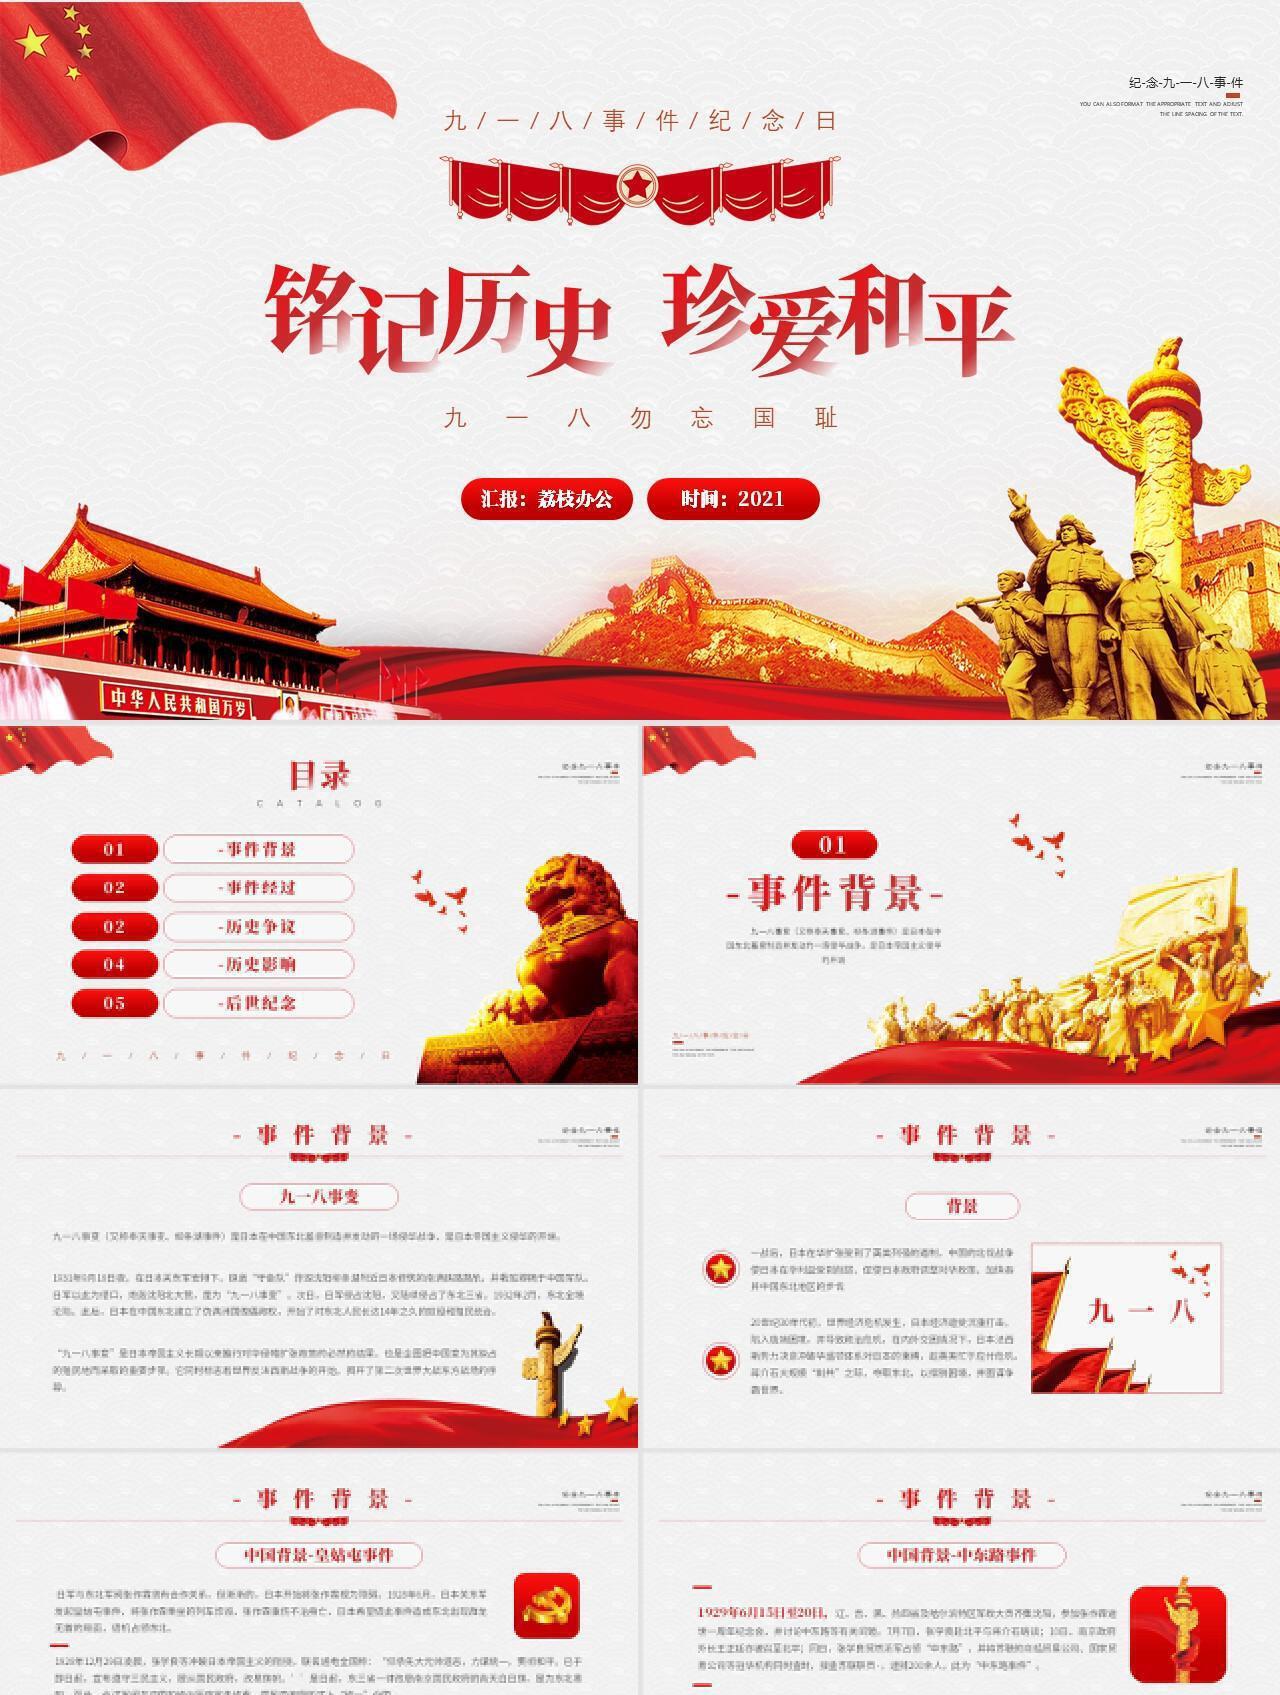 红色简约党政风格铭记历史珍爱和平九一八纪念日PPT模板